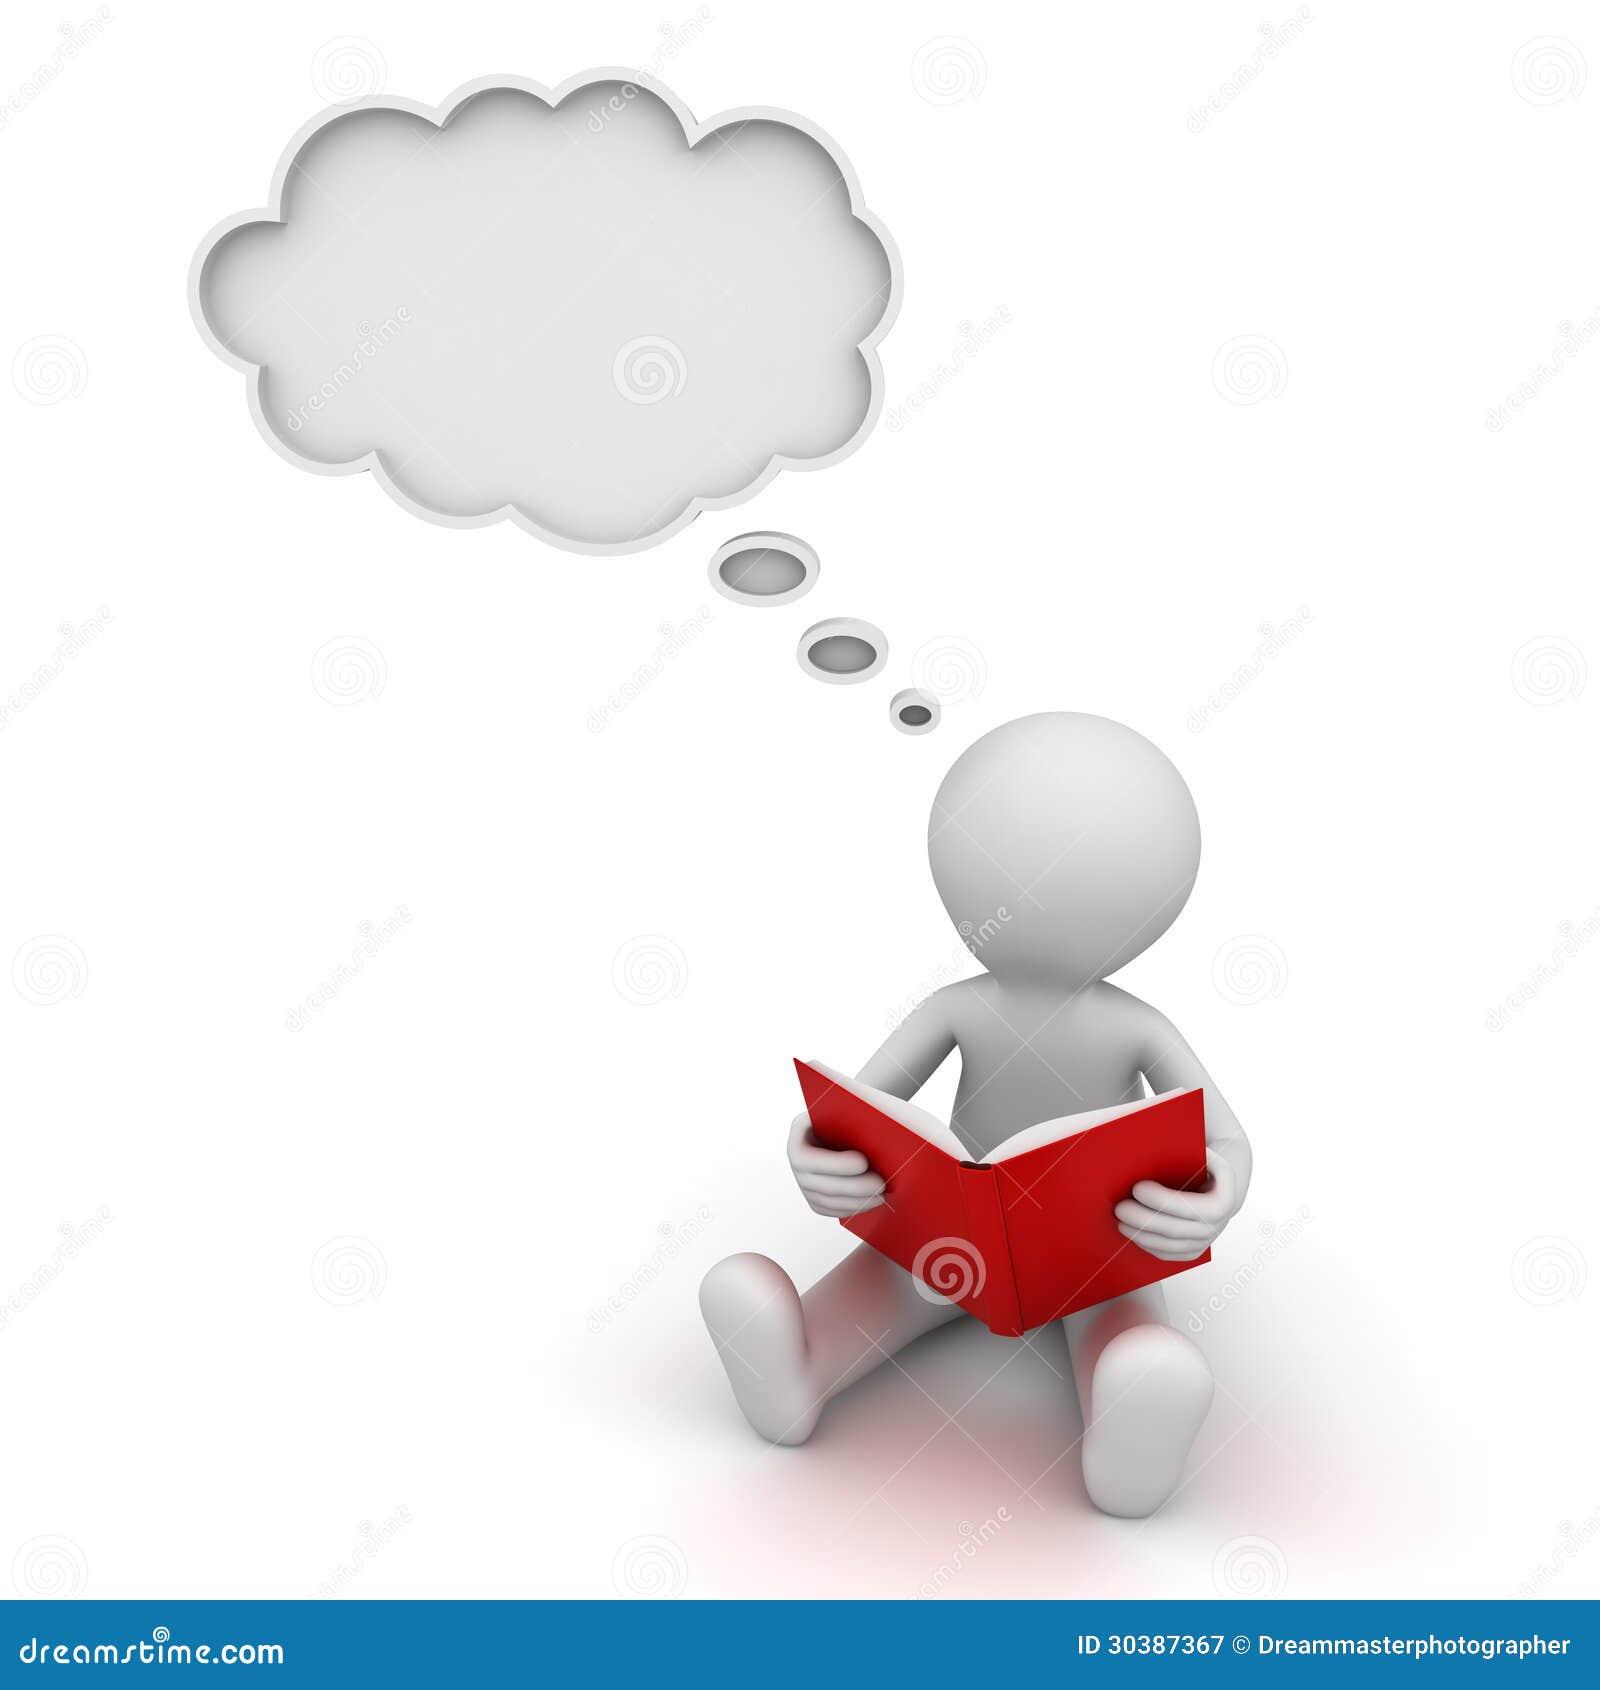 homme 3d lisant un livre et pensant avec une bulle de student thinking clipart black and white student thinking clipart